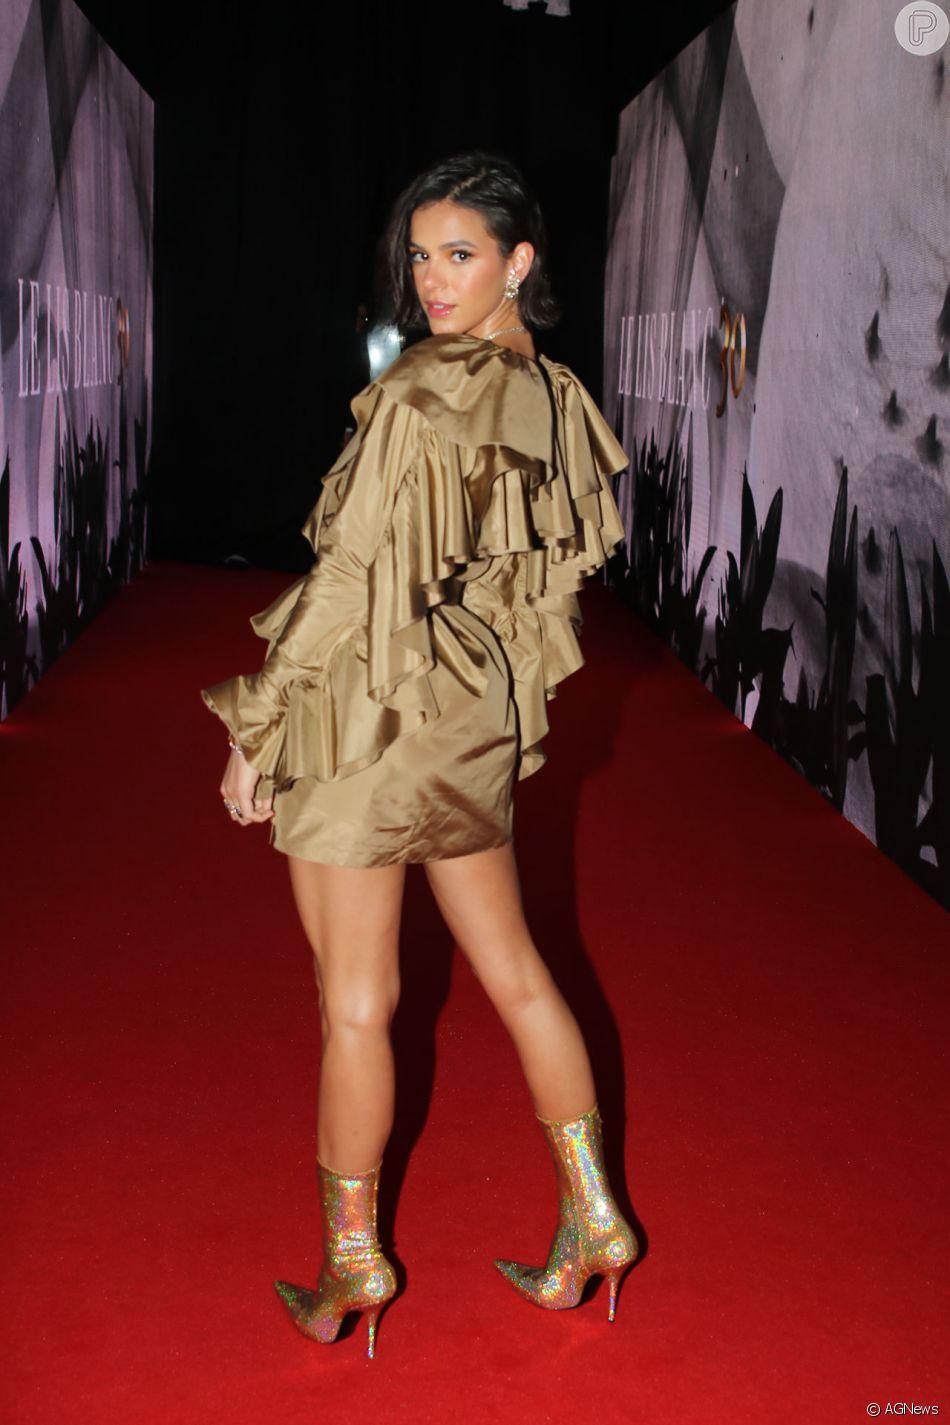 Bruna Marquezine prestigia o aniversário de 30 anos da marca Le Lis Blanc, em um desfile de moda organizado em São Paulo, na noite desta quinta-feira, 18 de outubro de 2018